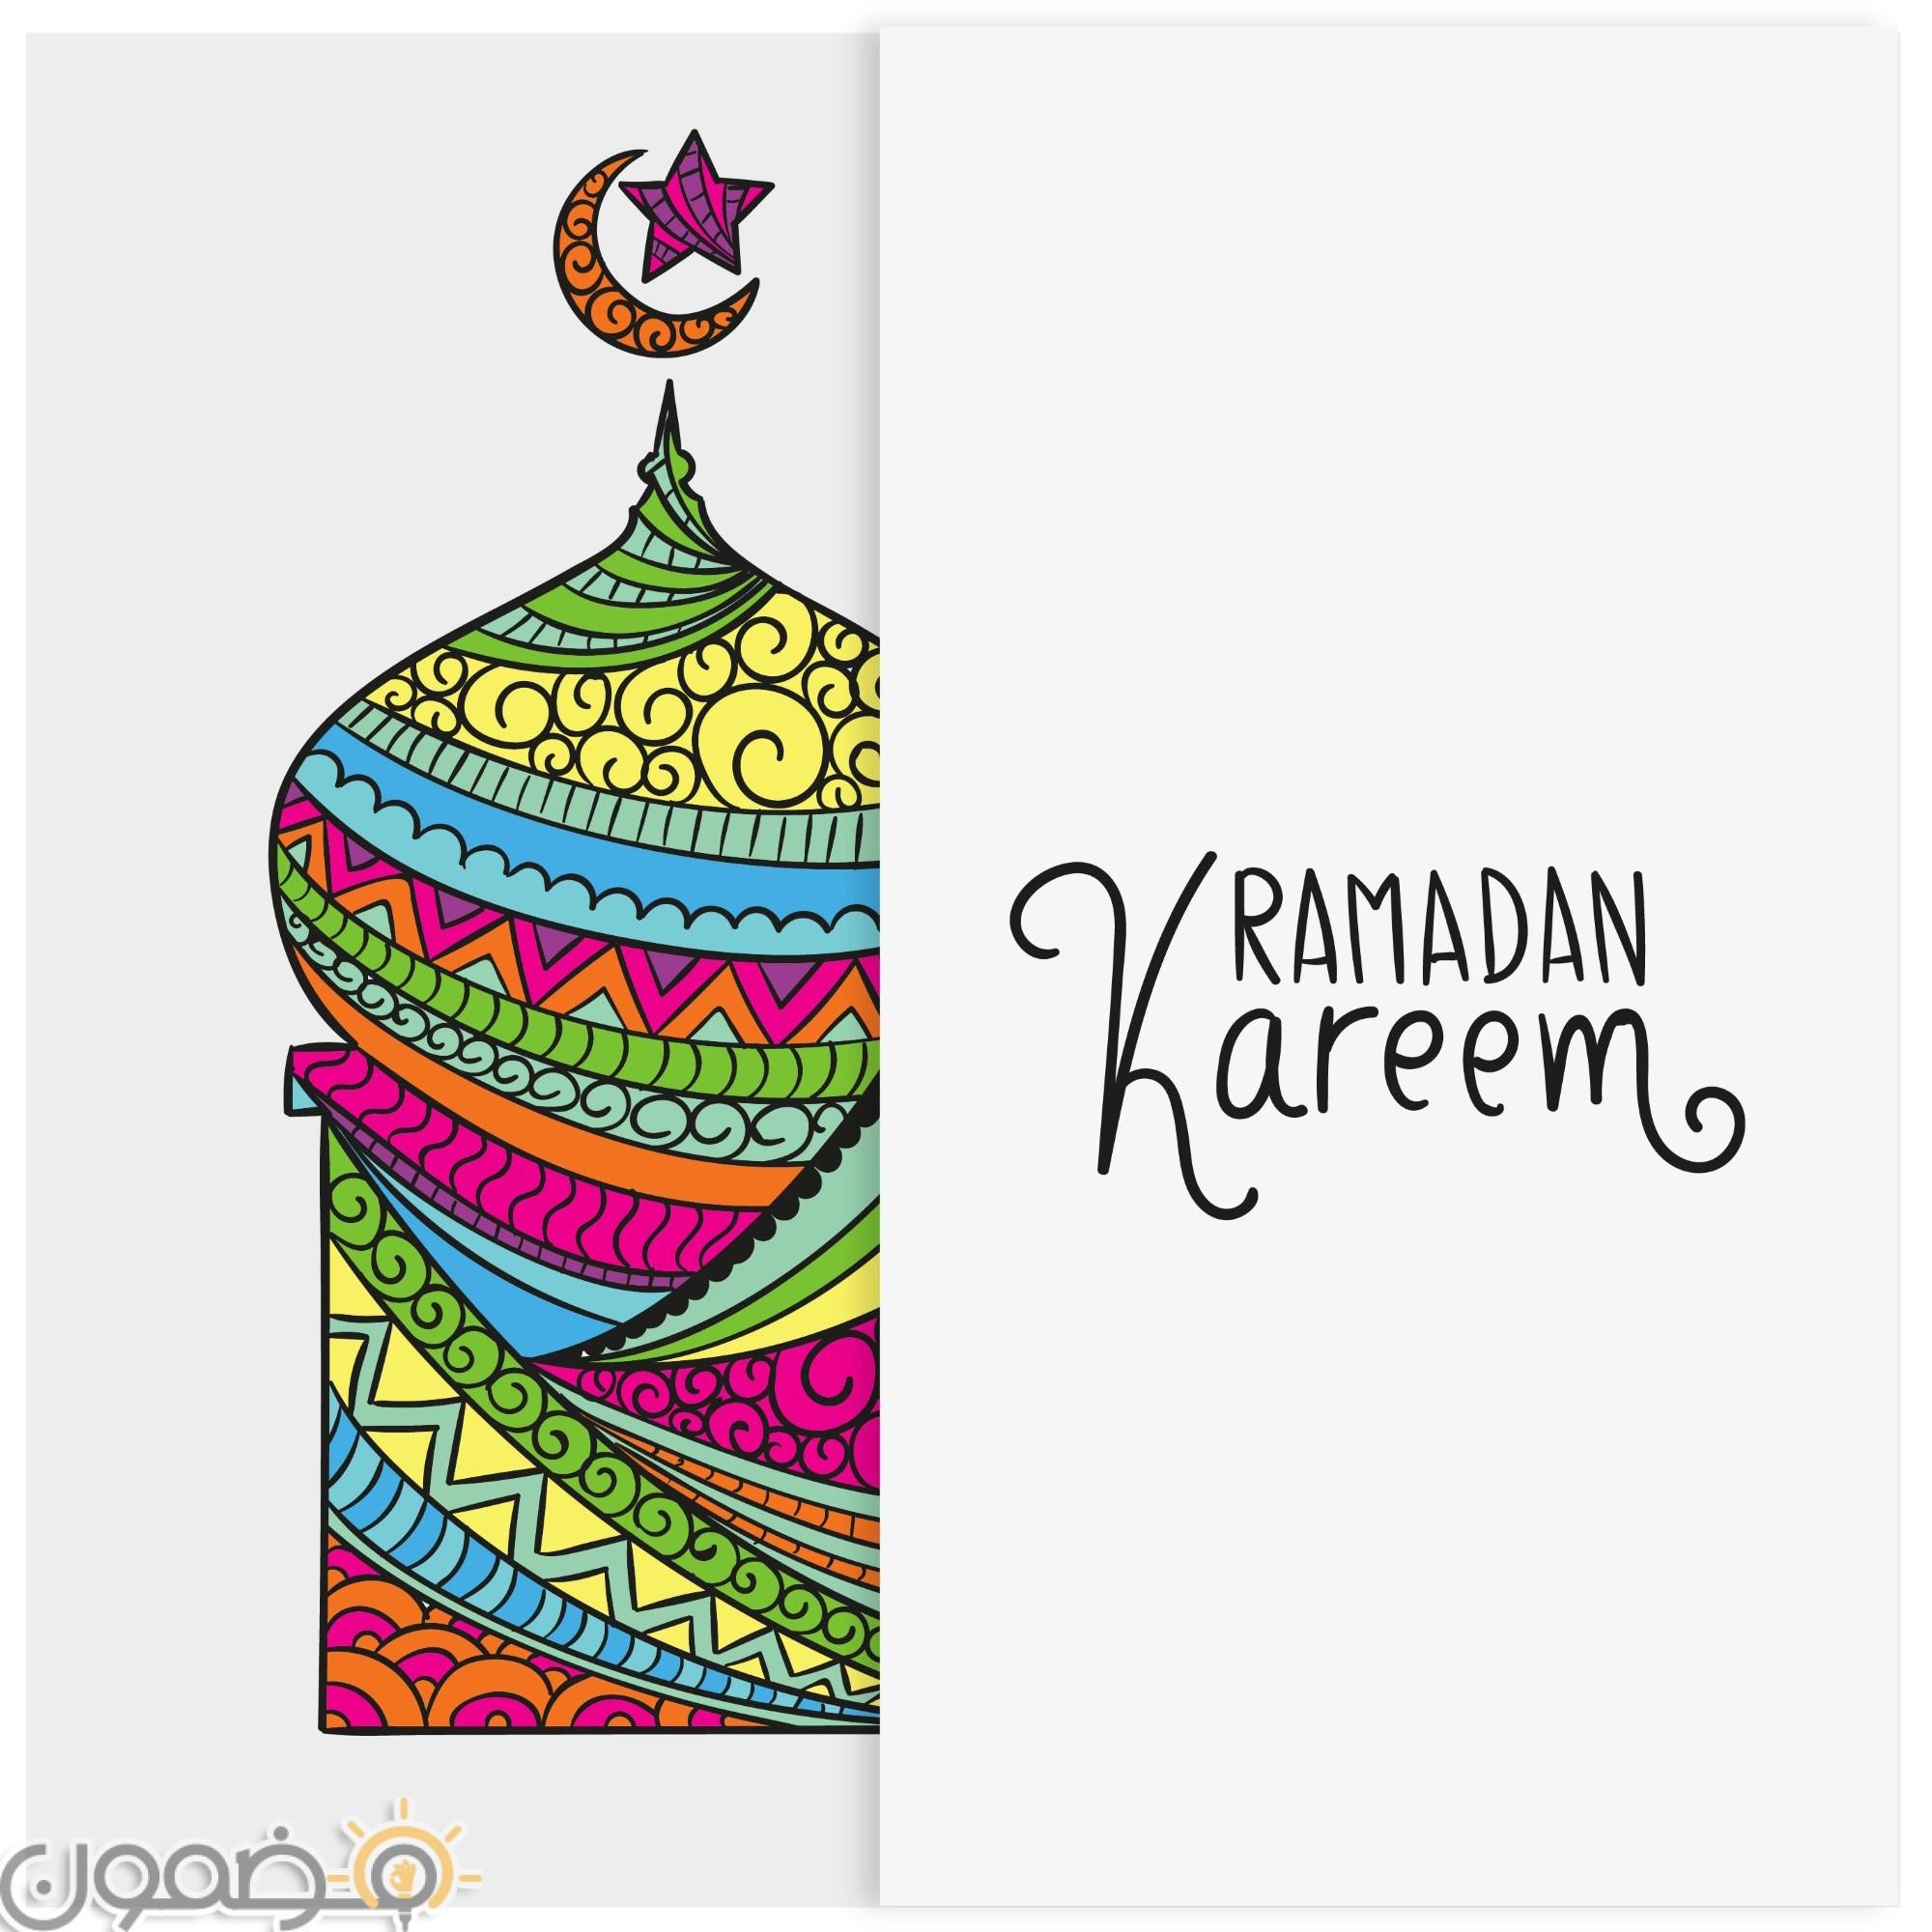 صور حالات رمضانية للواتس اب 6 صور حالات رمضانية للواتس اب